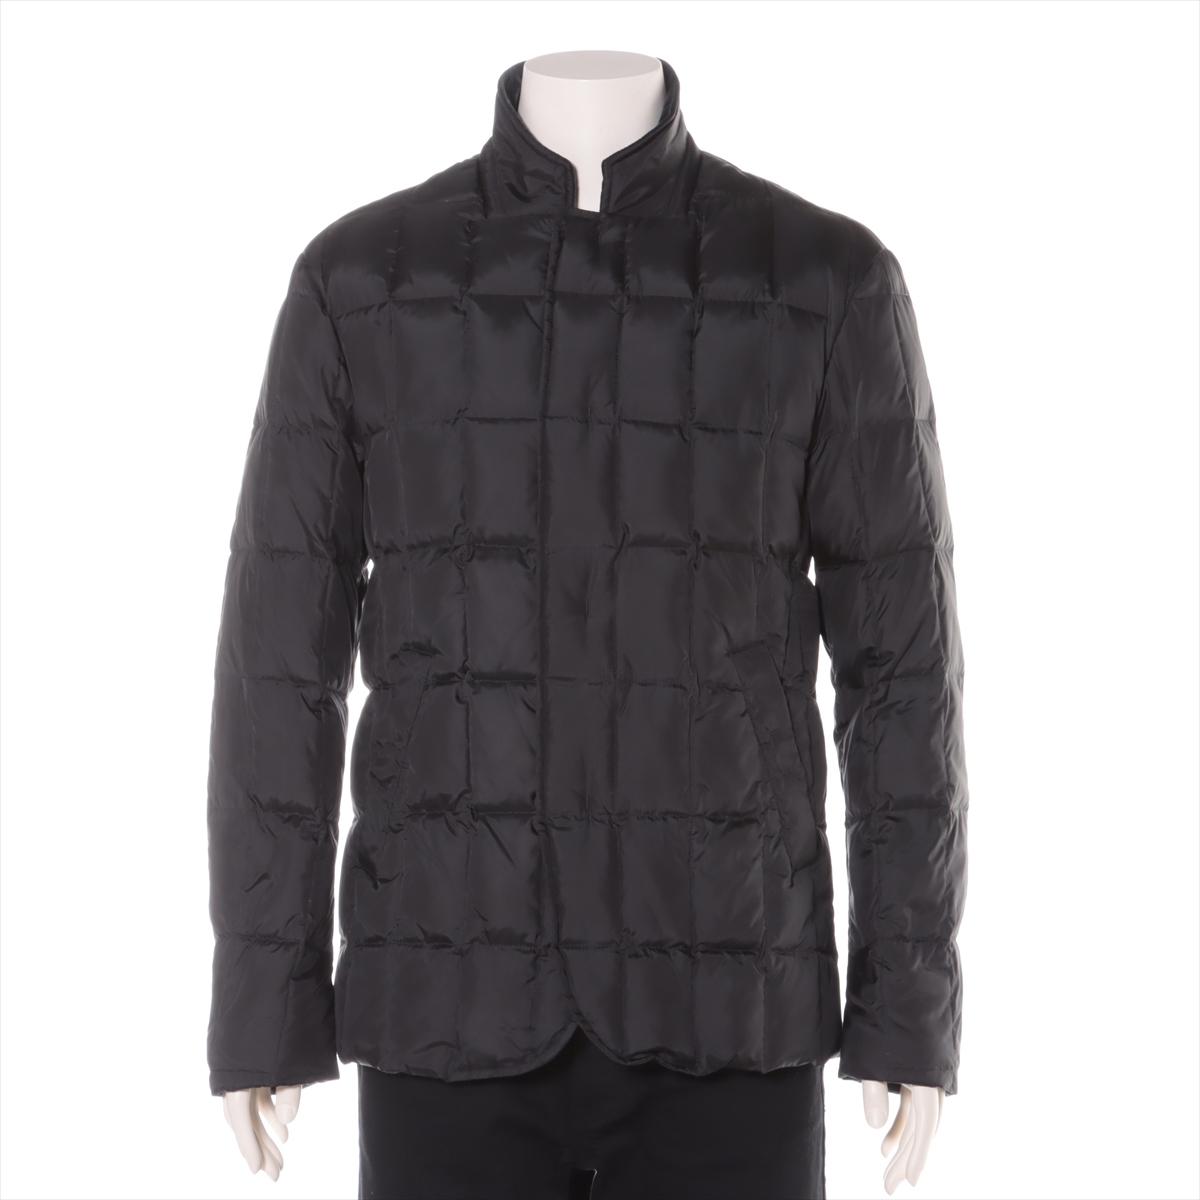 贈呈 中古 アルマーニコレッツォーニ ポリエステル ダウンジャケット ブラック <セール&特集> 48 メンズ